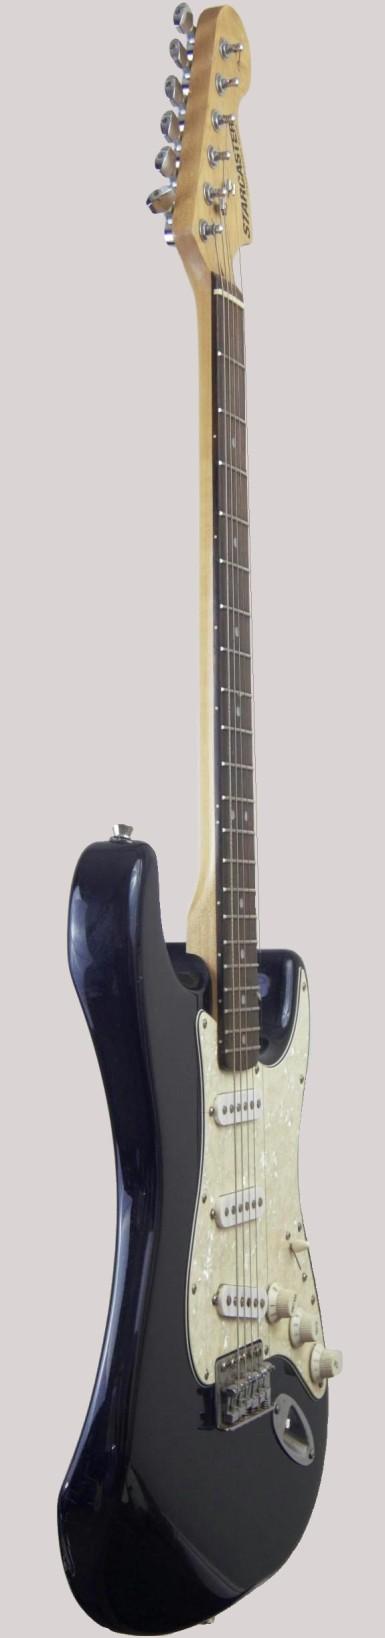 starcaster stratocaster copy guitar at Ukulele Corner